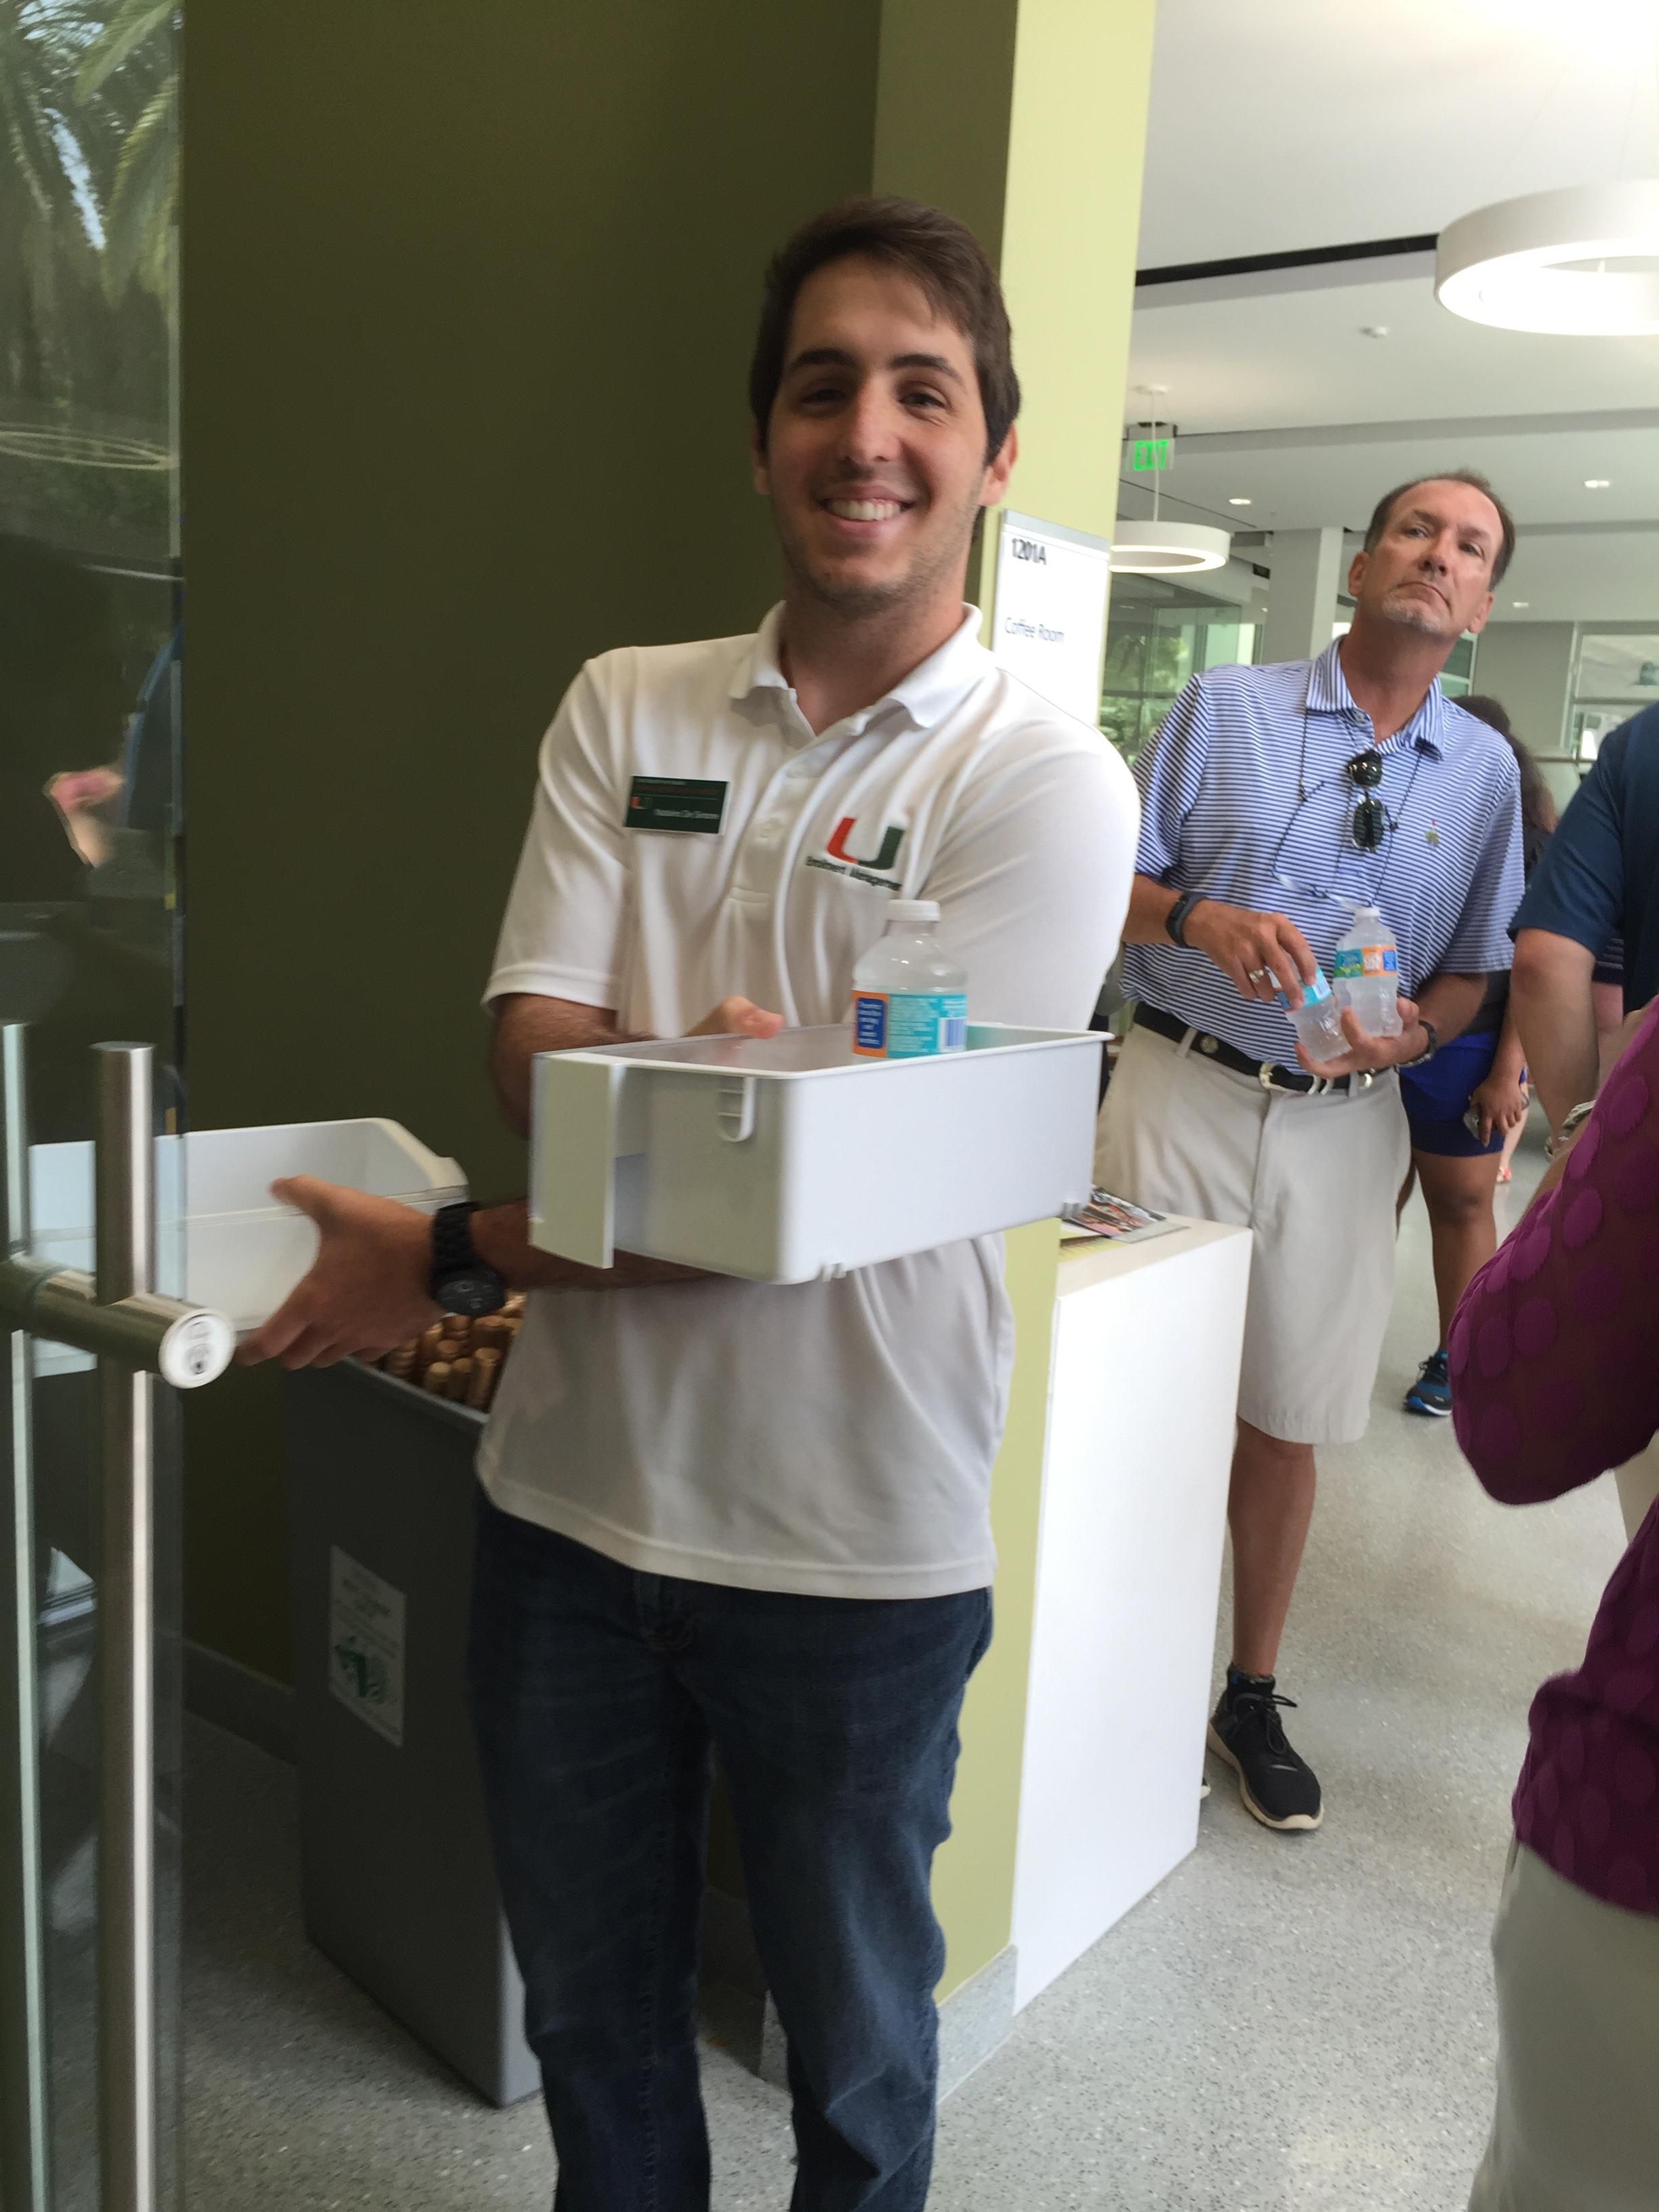 Murilo's tour guide, Alex Jimenez